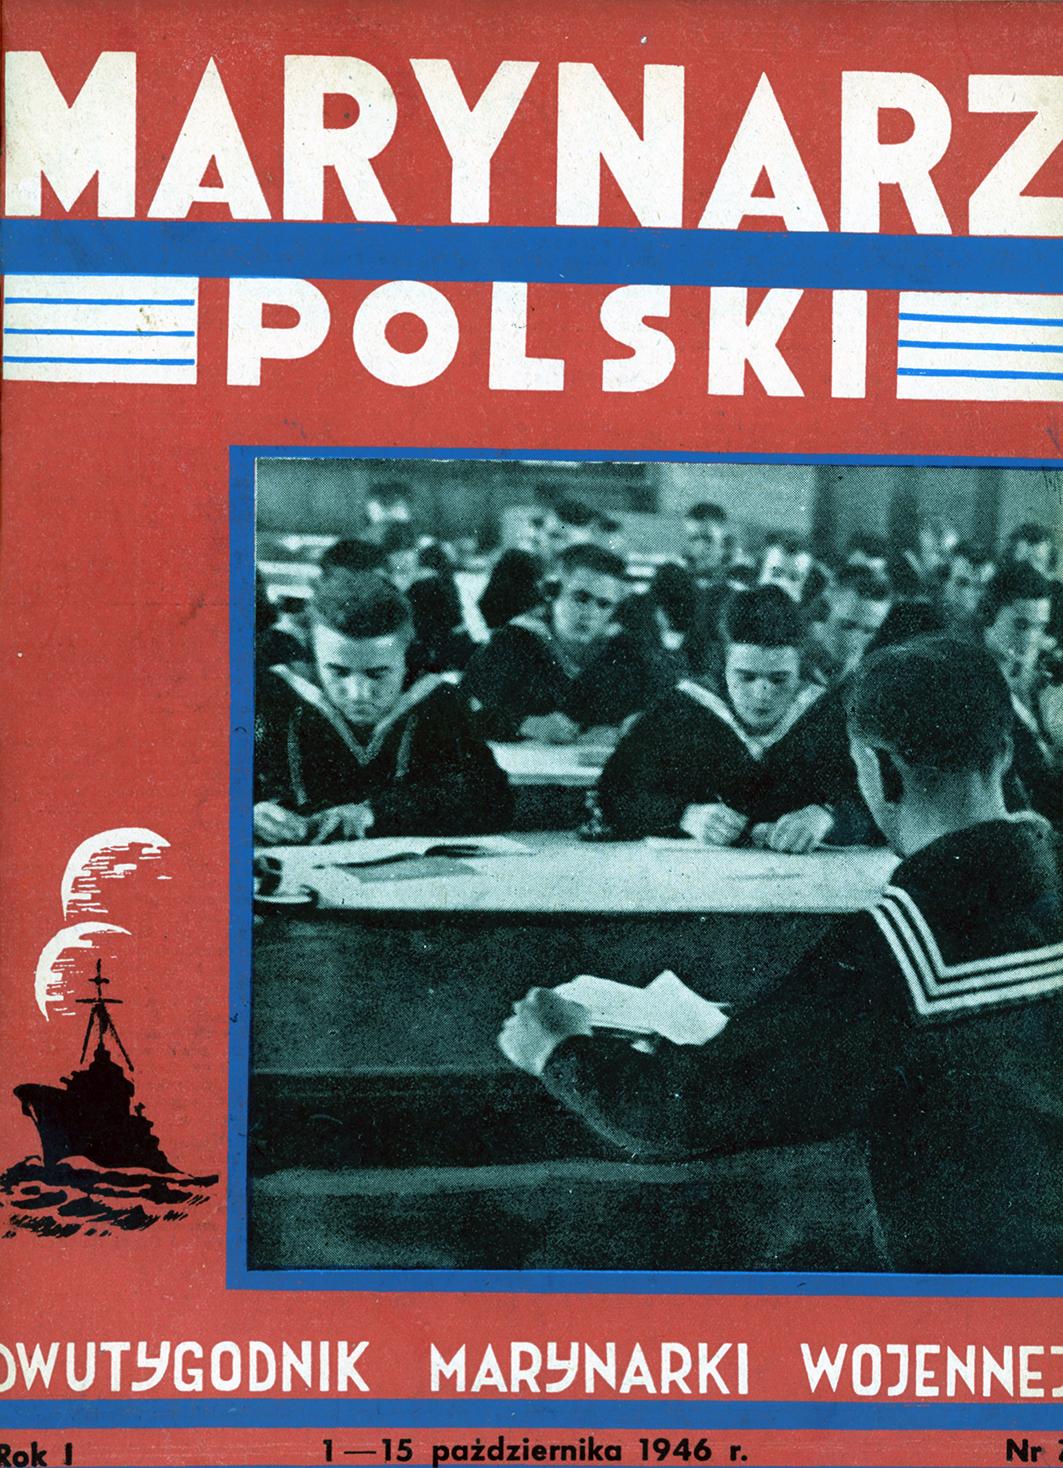 Marynarz Polski : miesięcznik Marynarki Wojennej. - Gdynia : Zarząd Pol.- Wych. Marynarki Wojennej, 1946, październik 1